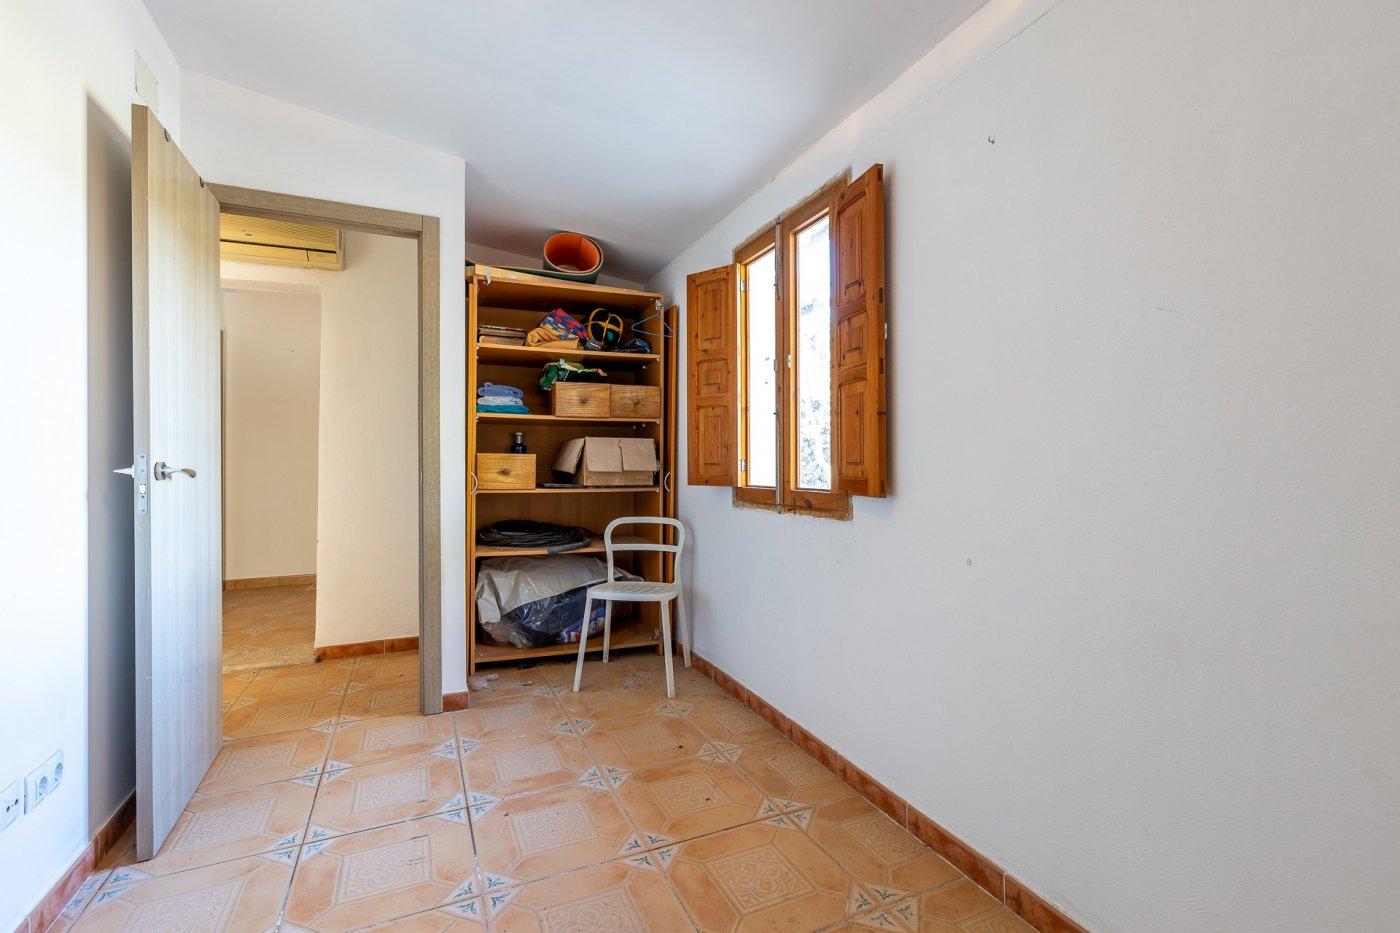 Encantadora finca rÚstica con casa de invitados  en marratxinet - imagenInmueble31